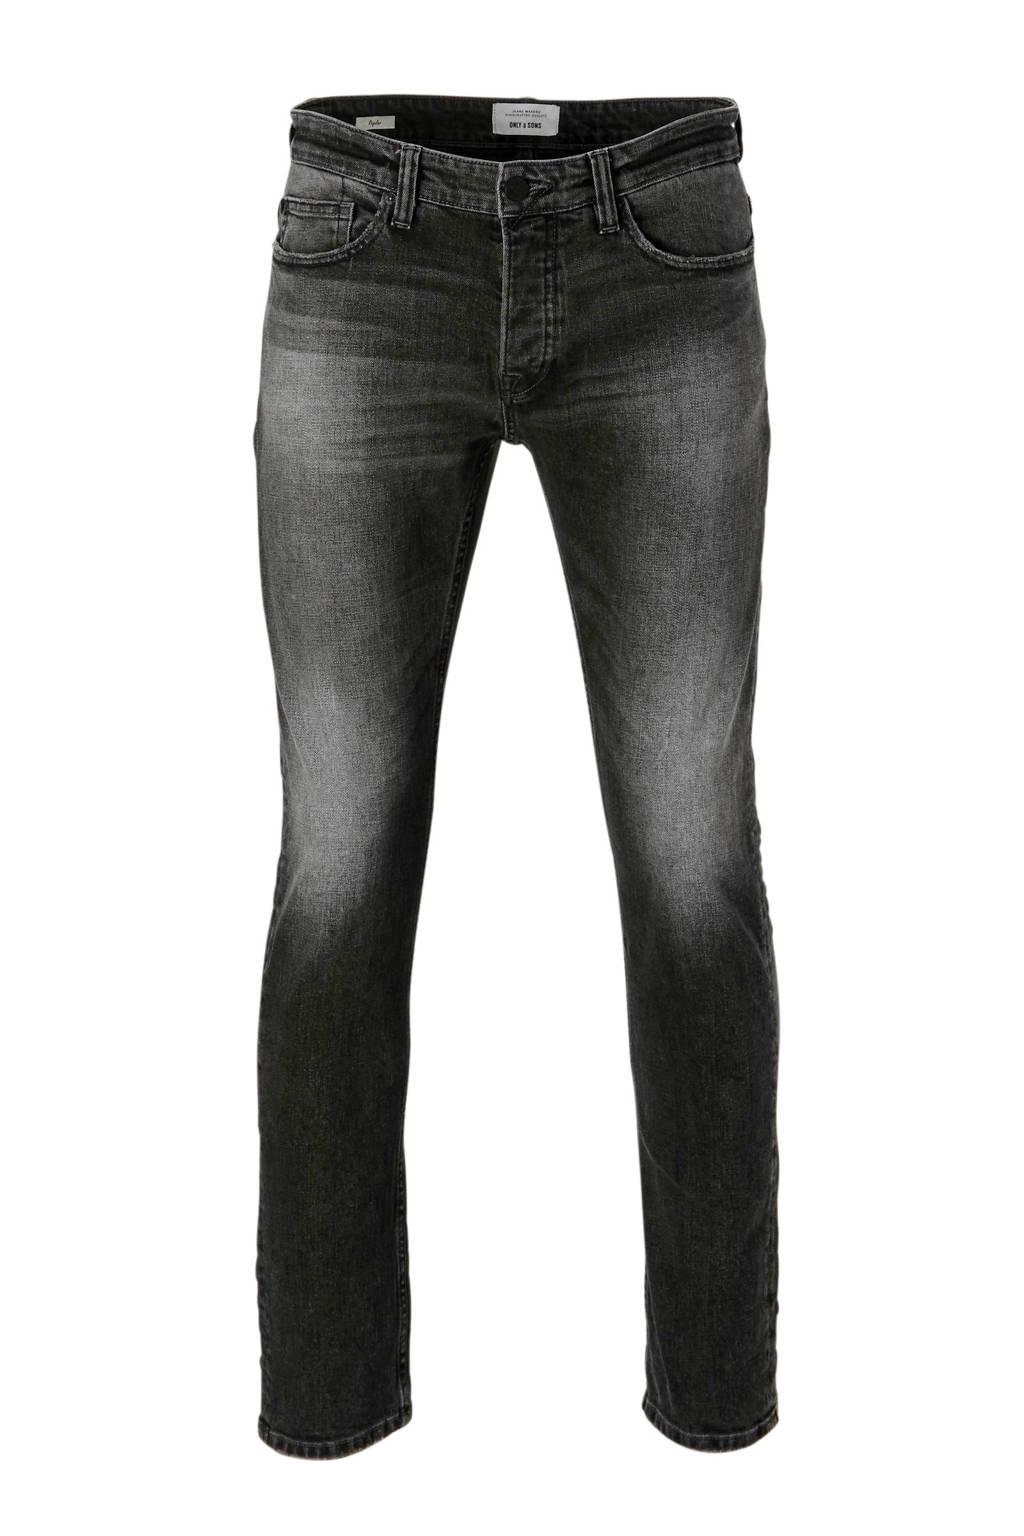 Only & Sons regular fit jeans, Grijs/zwart